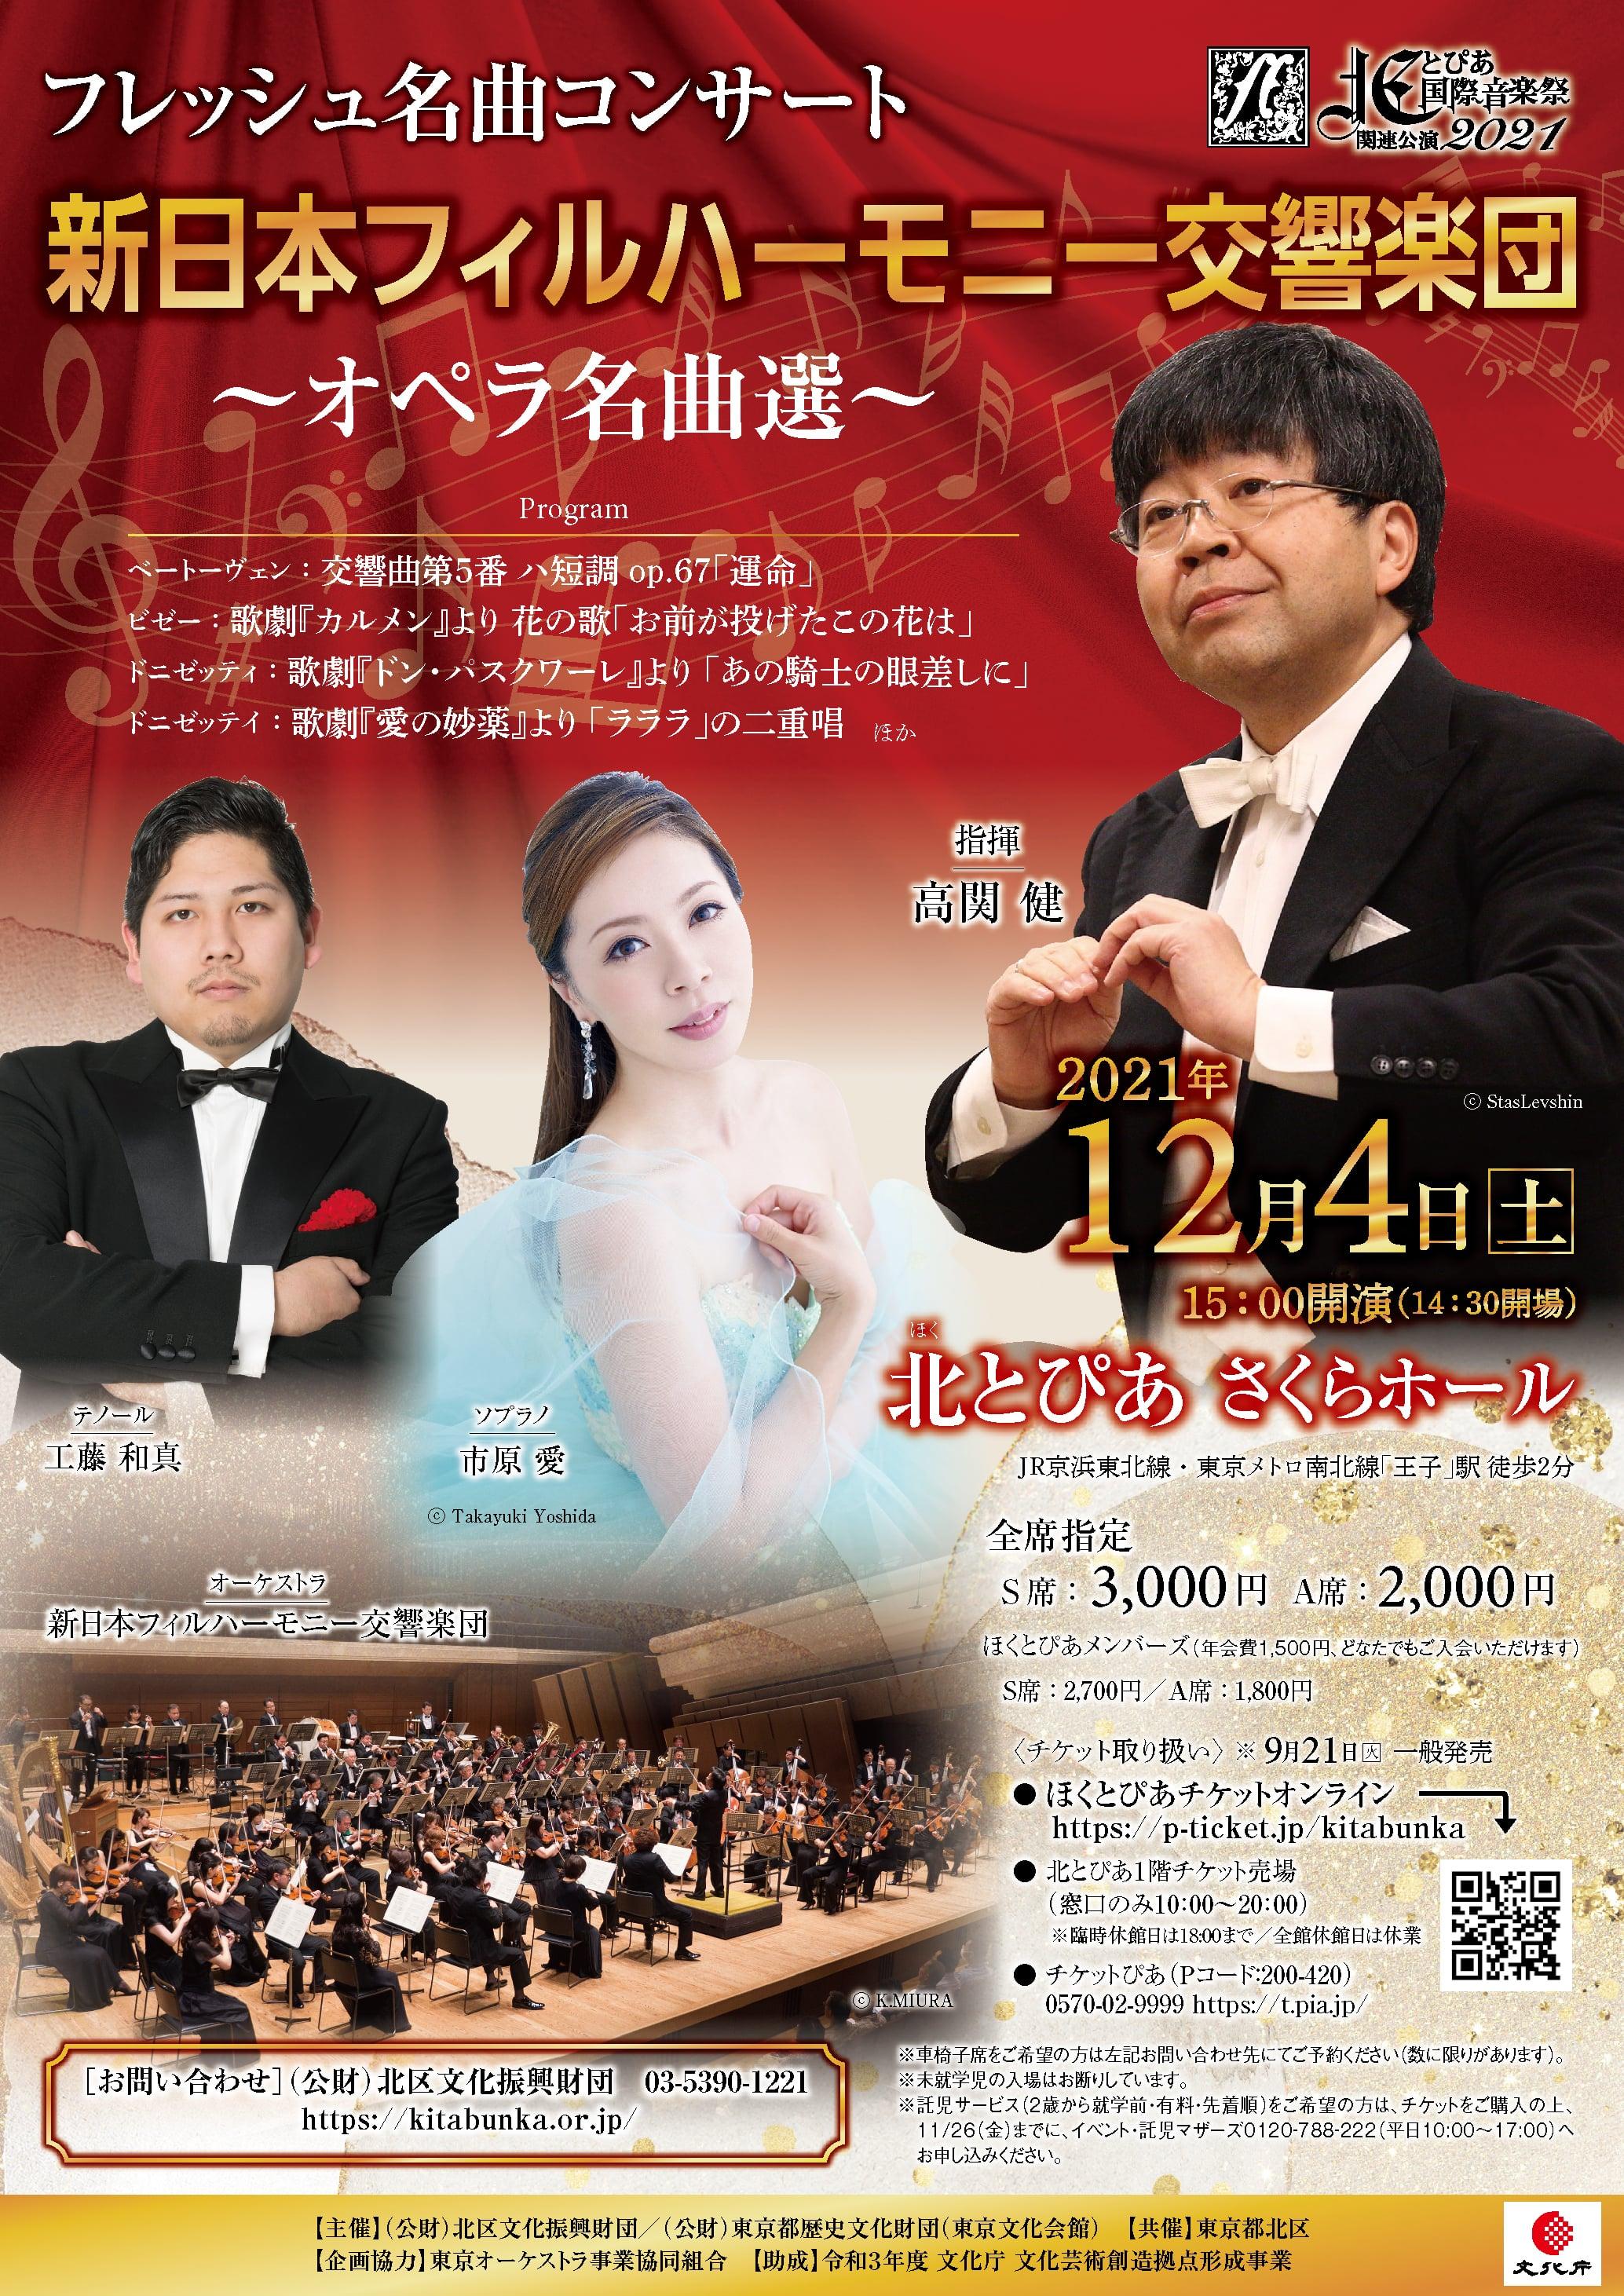 フレッシュ名曲コンサート 新日本フィルハーモニー交響楽団 ~オペラ名曲選~の画像